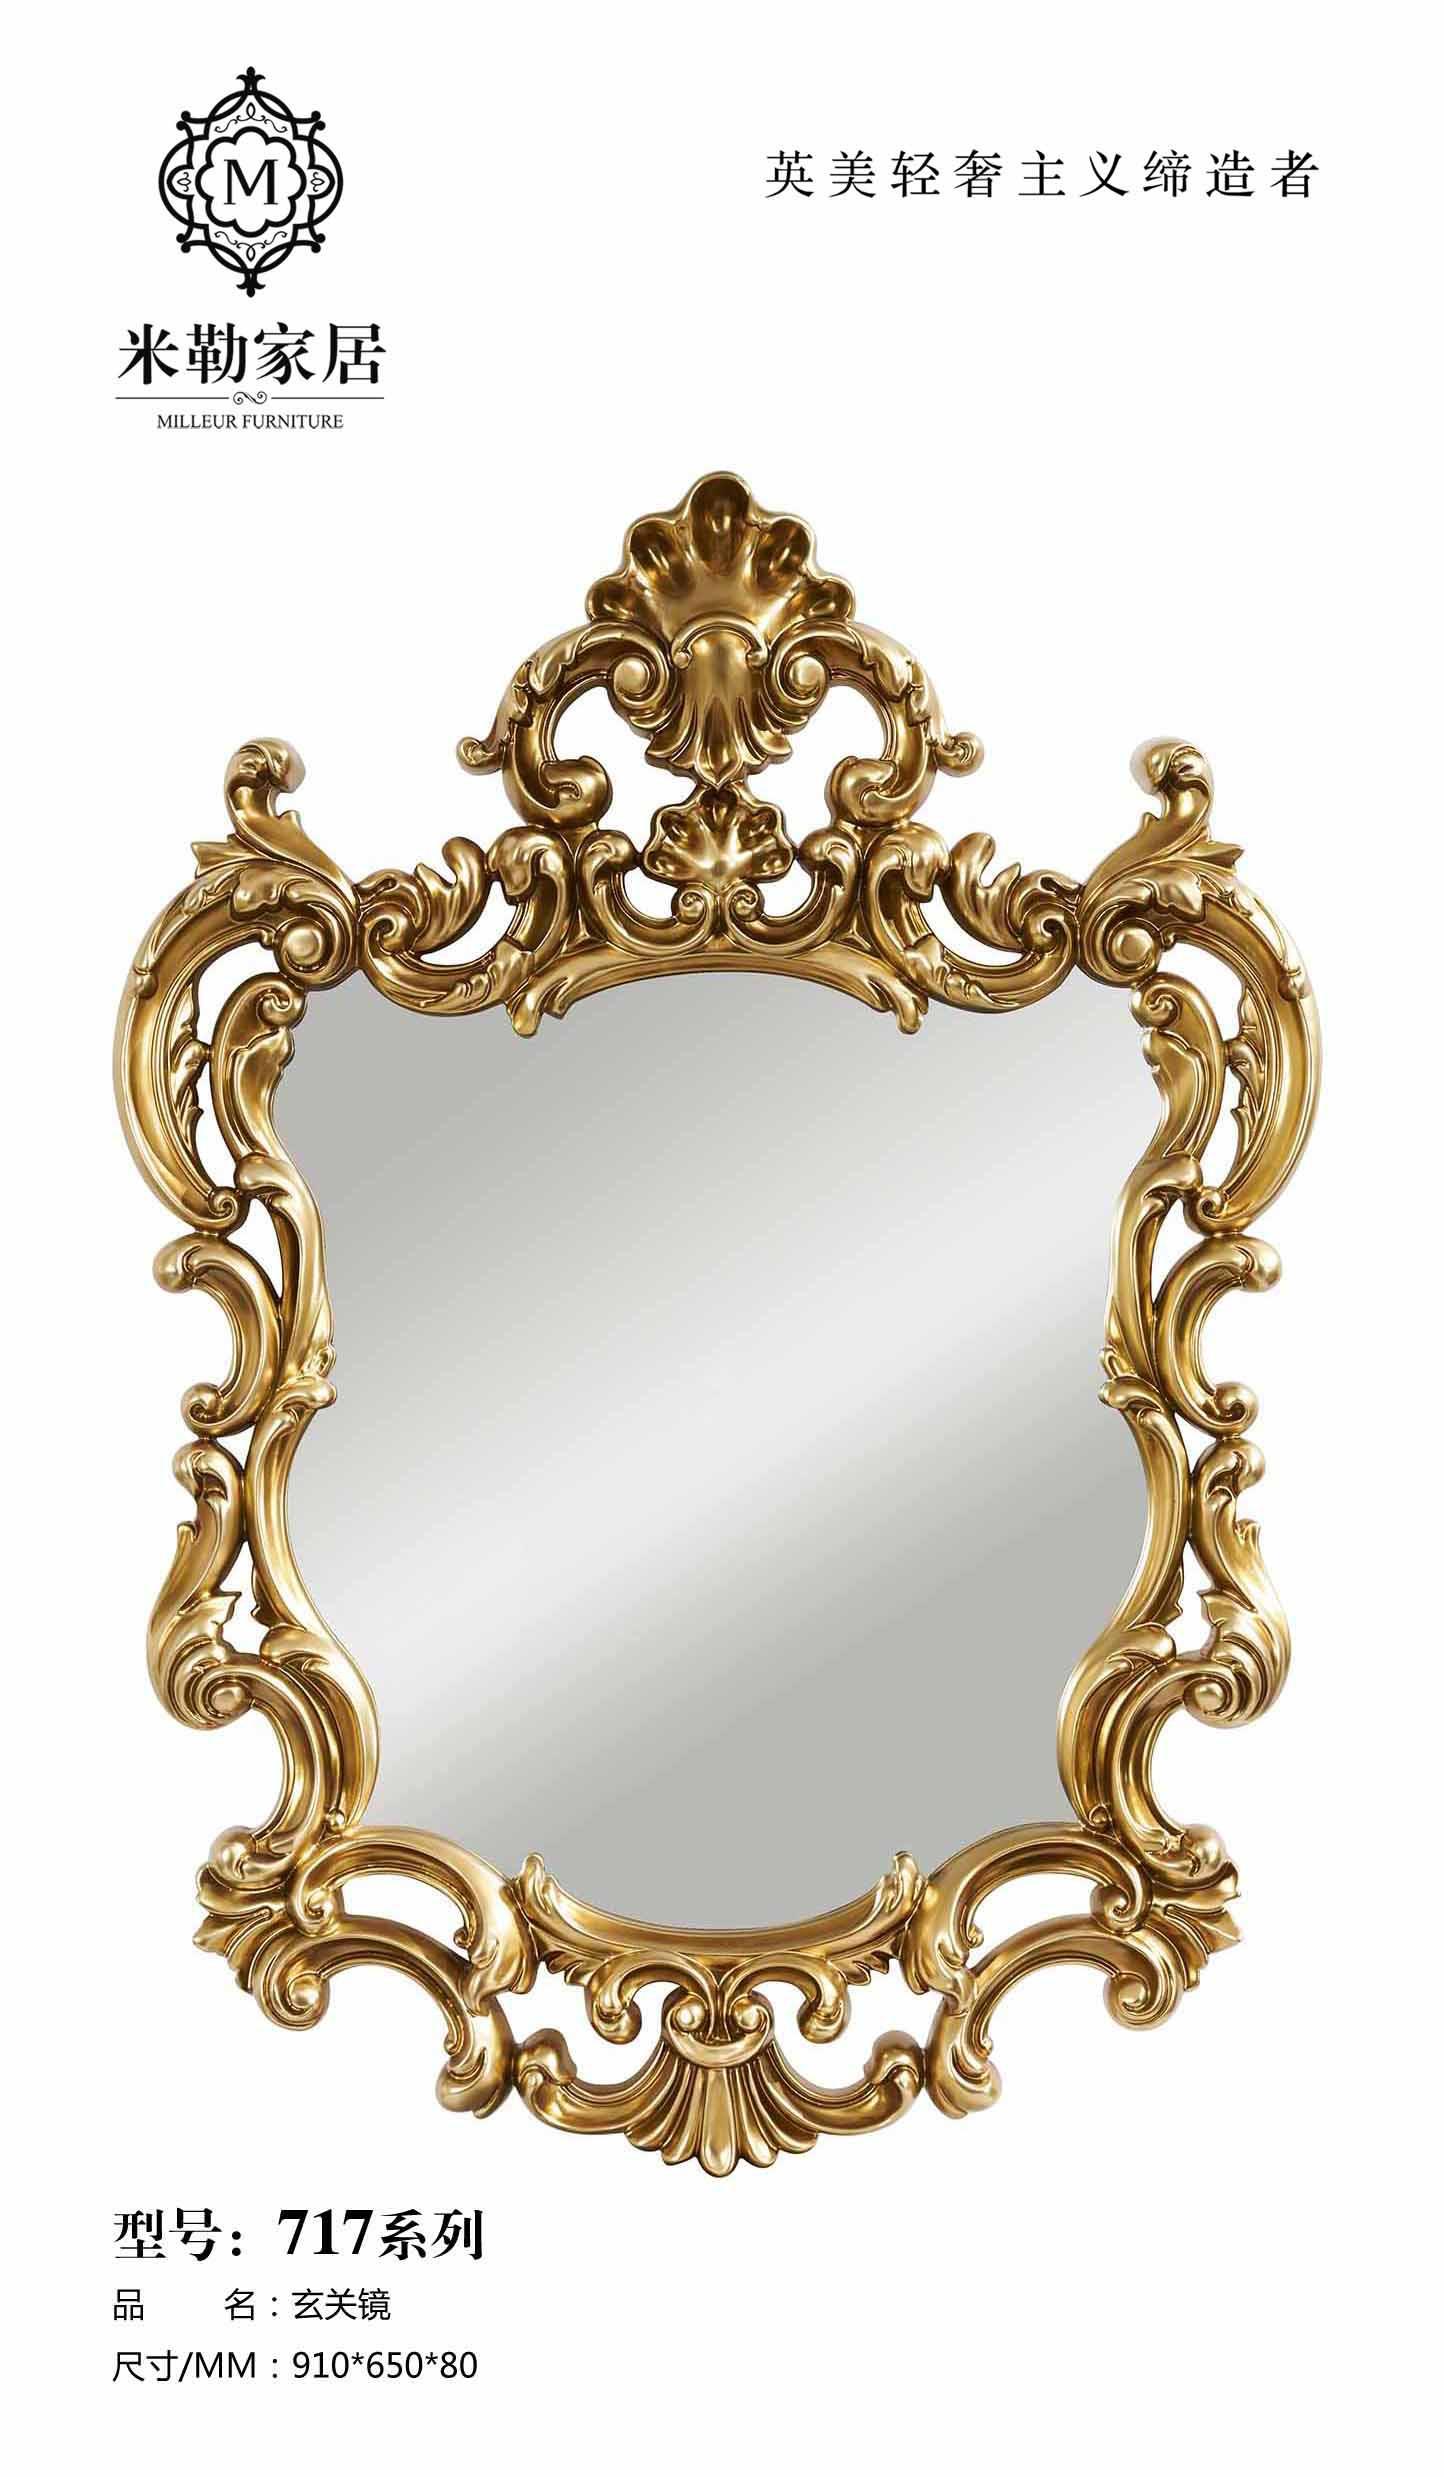 美式梳妆镜浴室镜装饰镜客厅木质玄关镜餐边镜